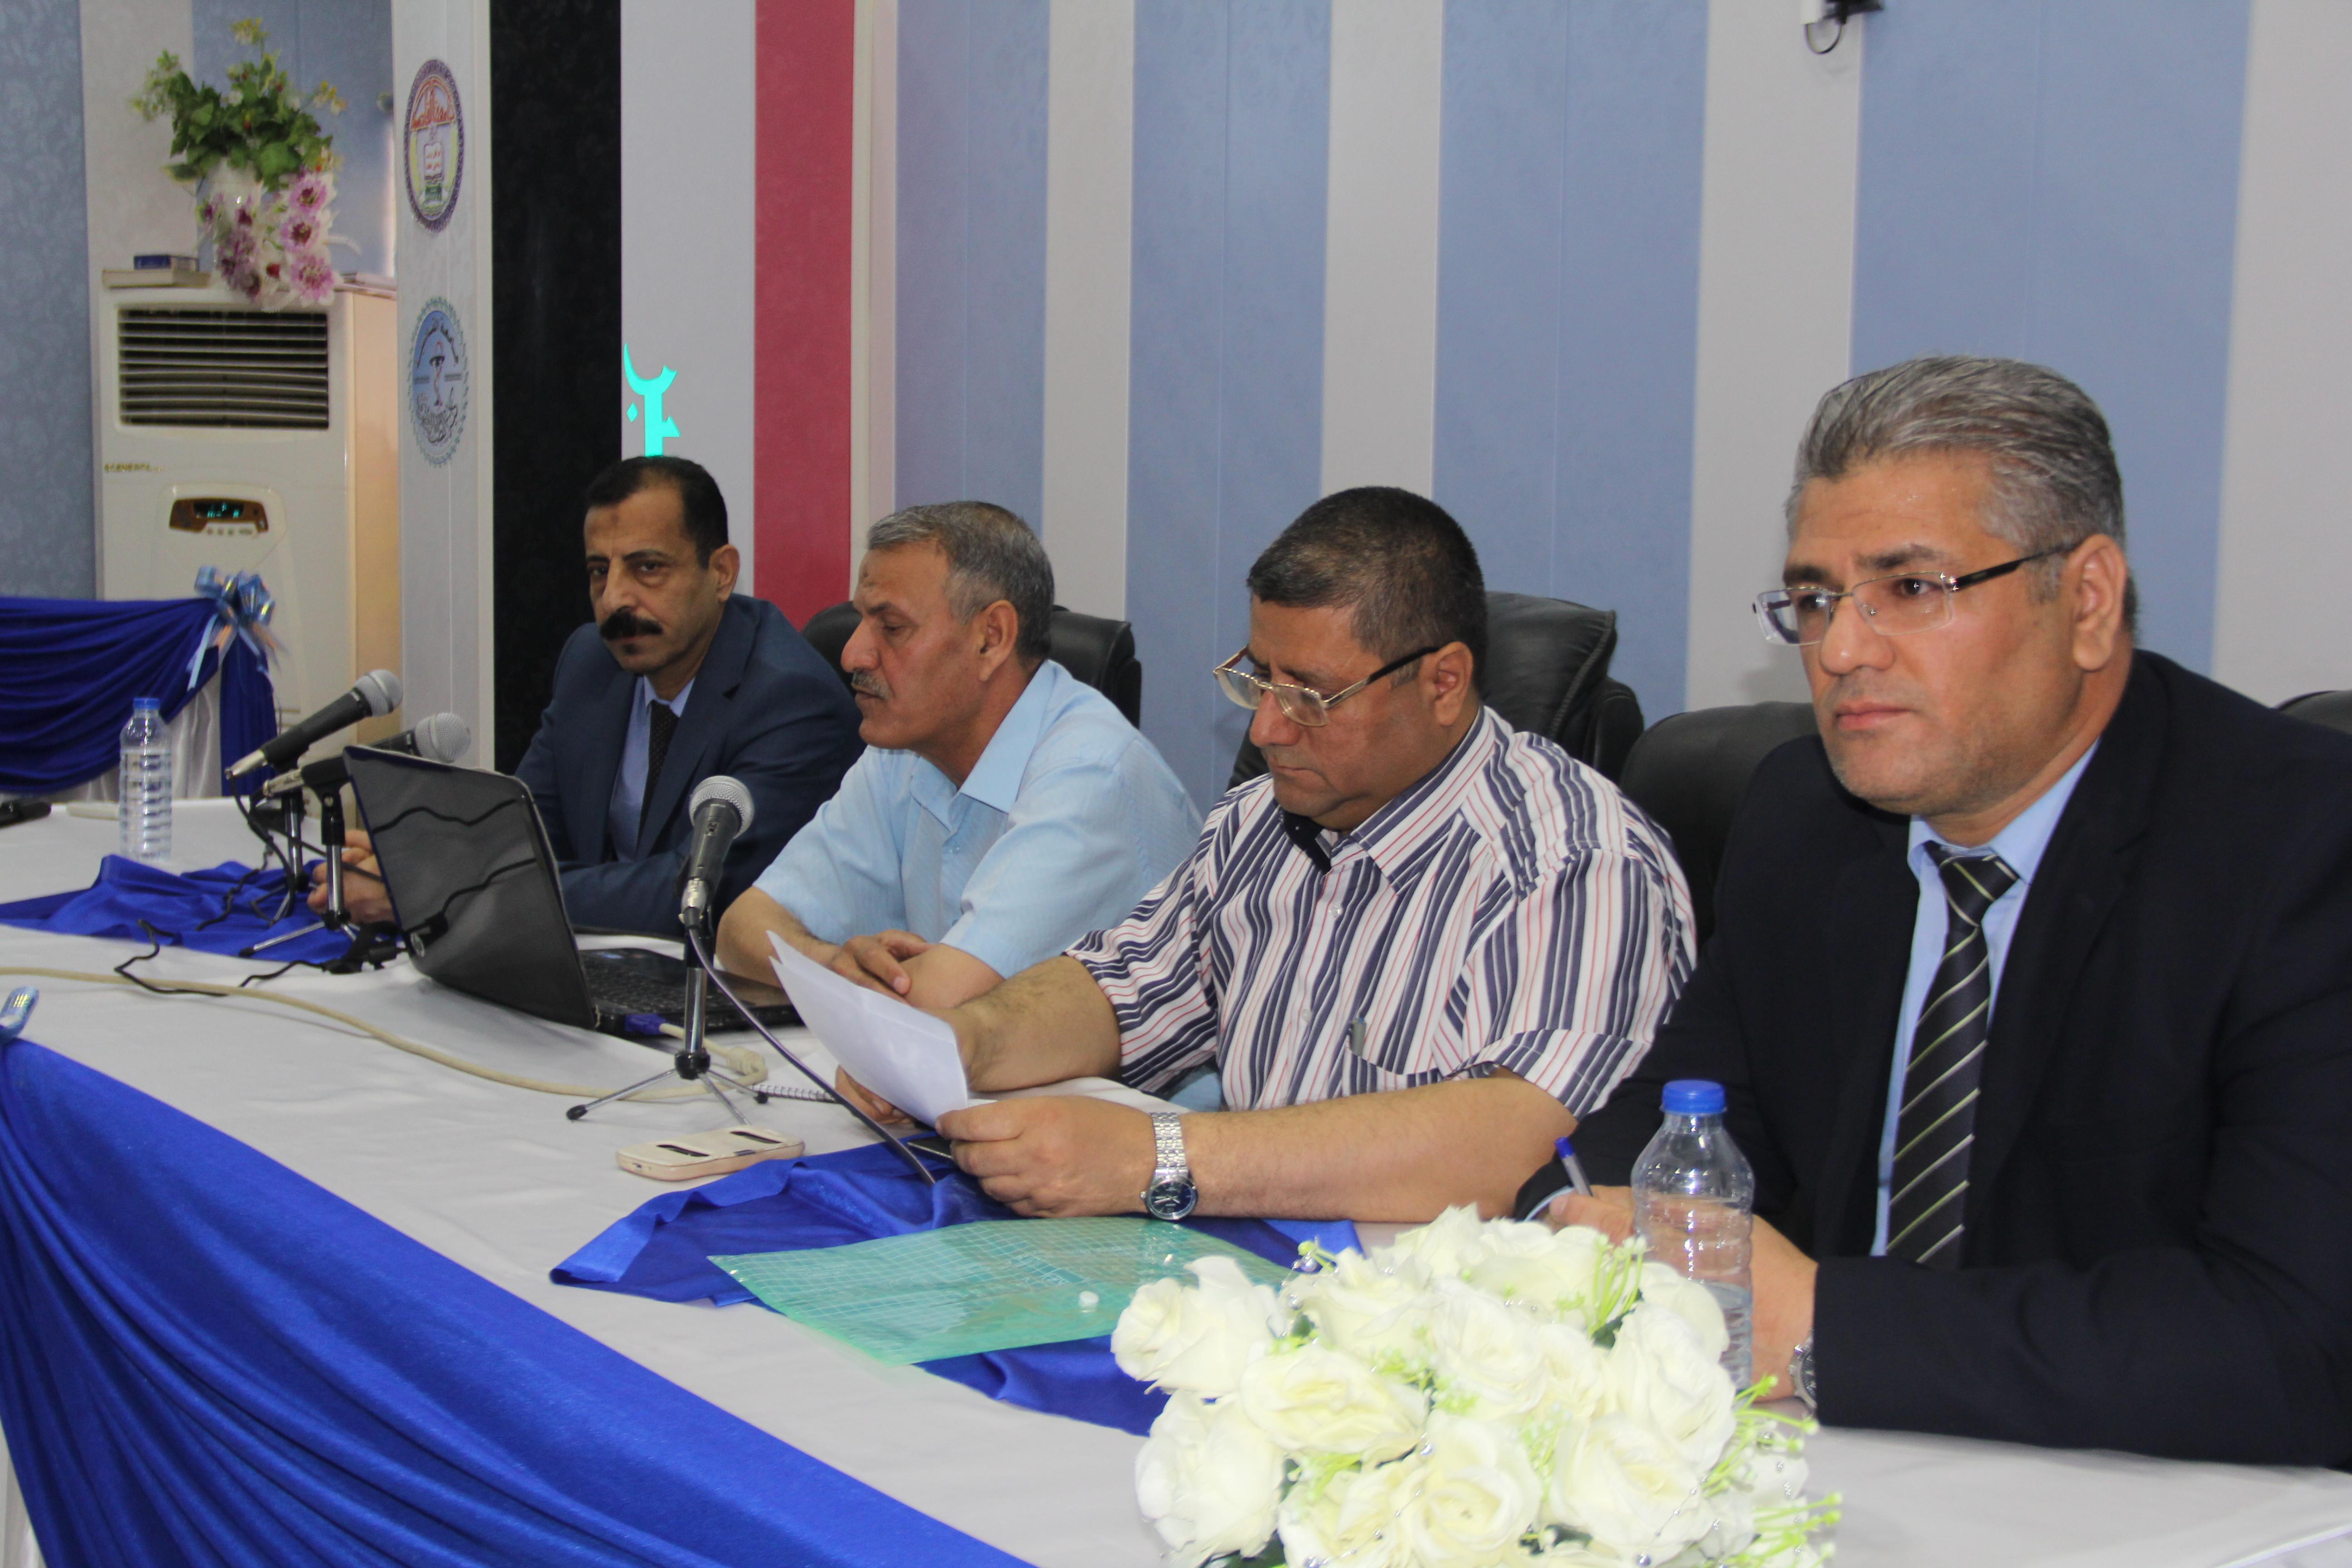 كلية الطب البيطري في جامعة القادسية تقيم ورشة عمل حول إنشاء وإدارة مشاريع حقول الدواجن